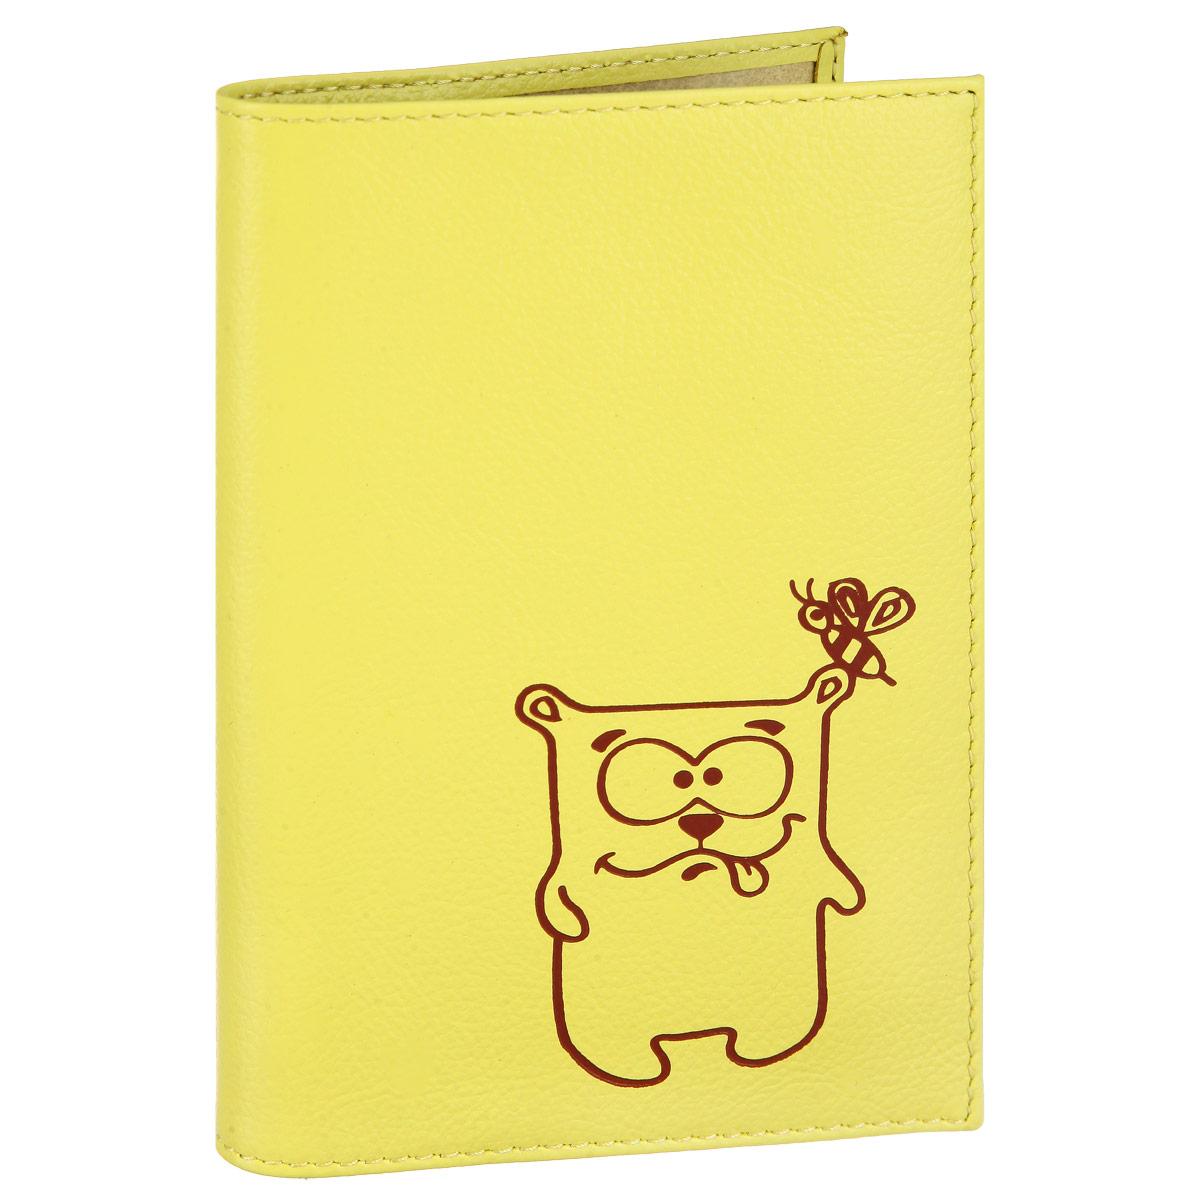 Обложка для паспорта Fabula Friends цвет: лимонный. O.30.CH35680Стильная обложка для паспорта Fabula Friends выполнена из натуральной кожи с зернистой текстурой, оформлена художественной печатью с изображением забавного медвежонка. Обложка для паспорта раскладывается пополам, внутри расположены два пластиковых кармашка.Такая обложка для паспорта станет прекрасным и стильным подарком человеку, любящему оригинальные и практичные вещи.